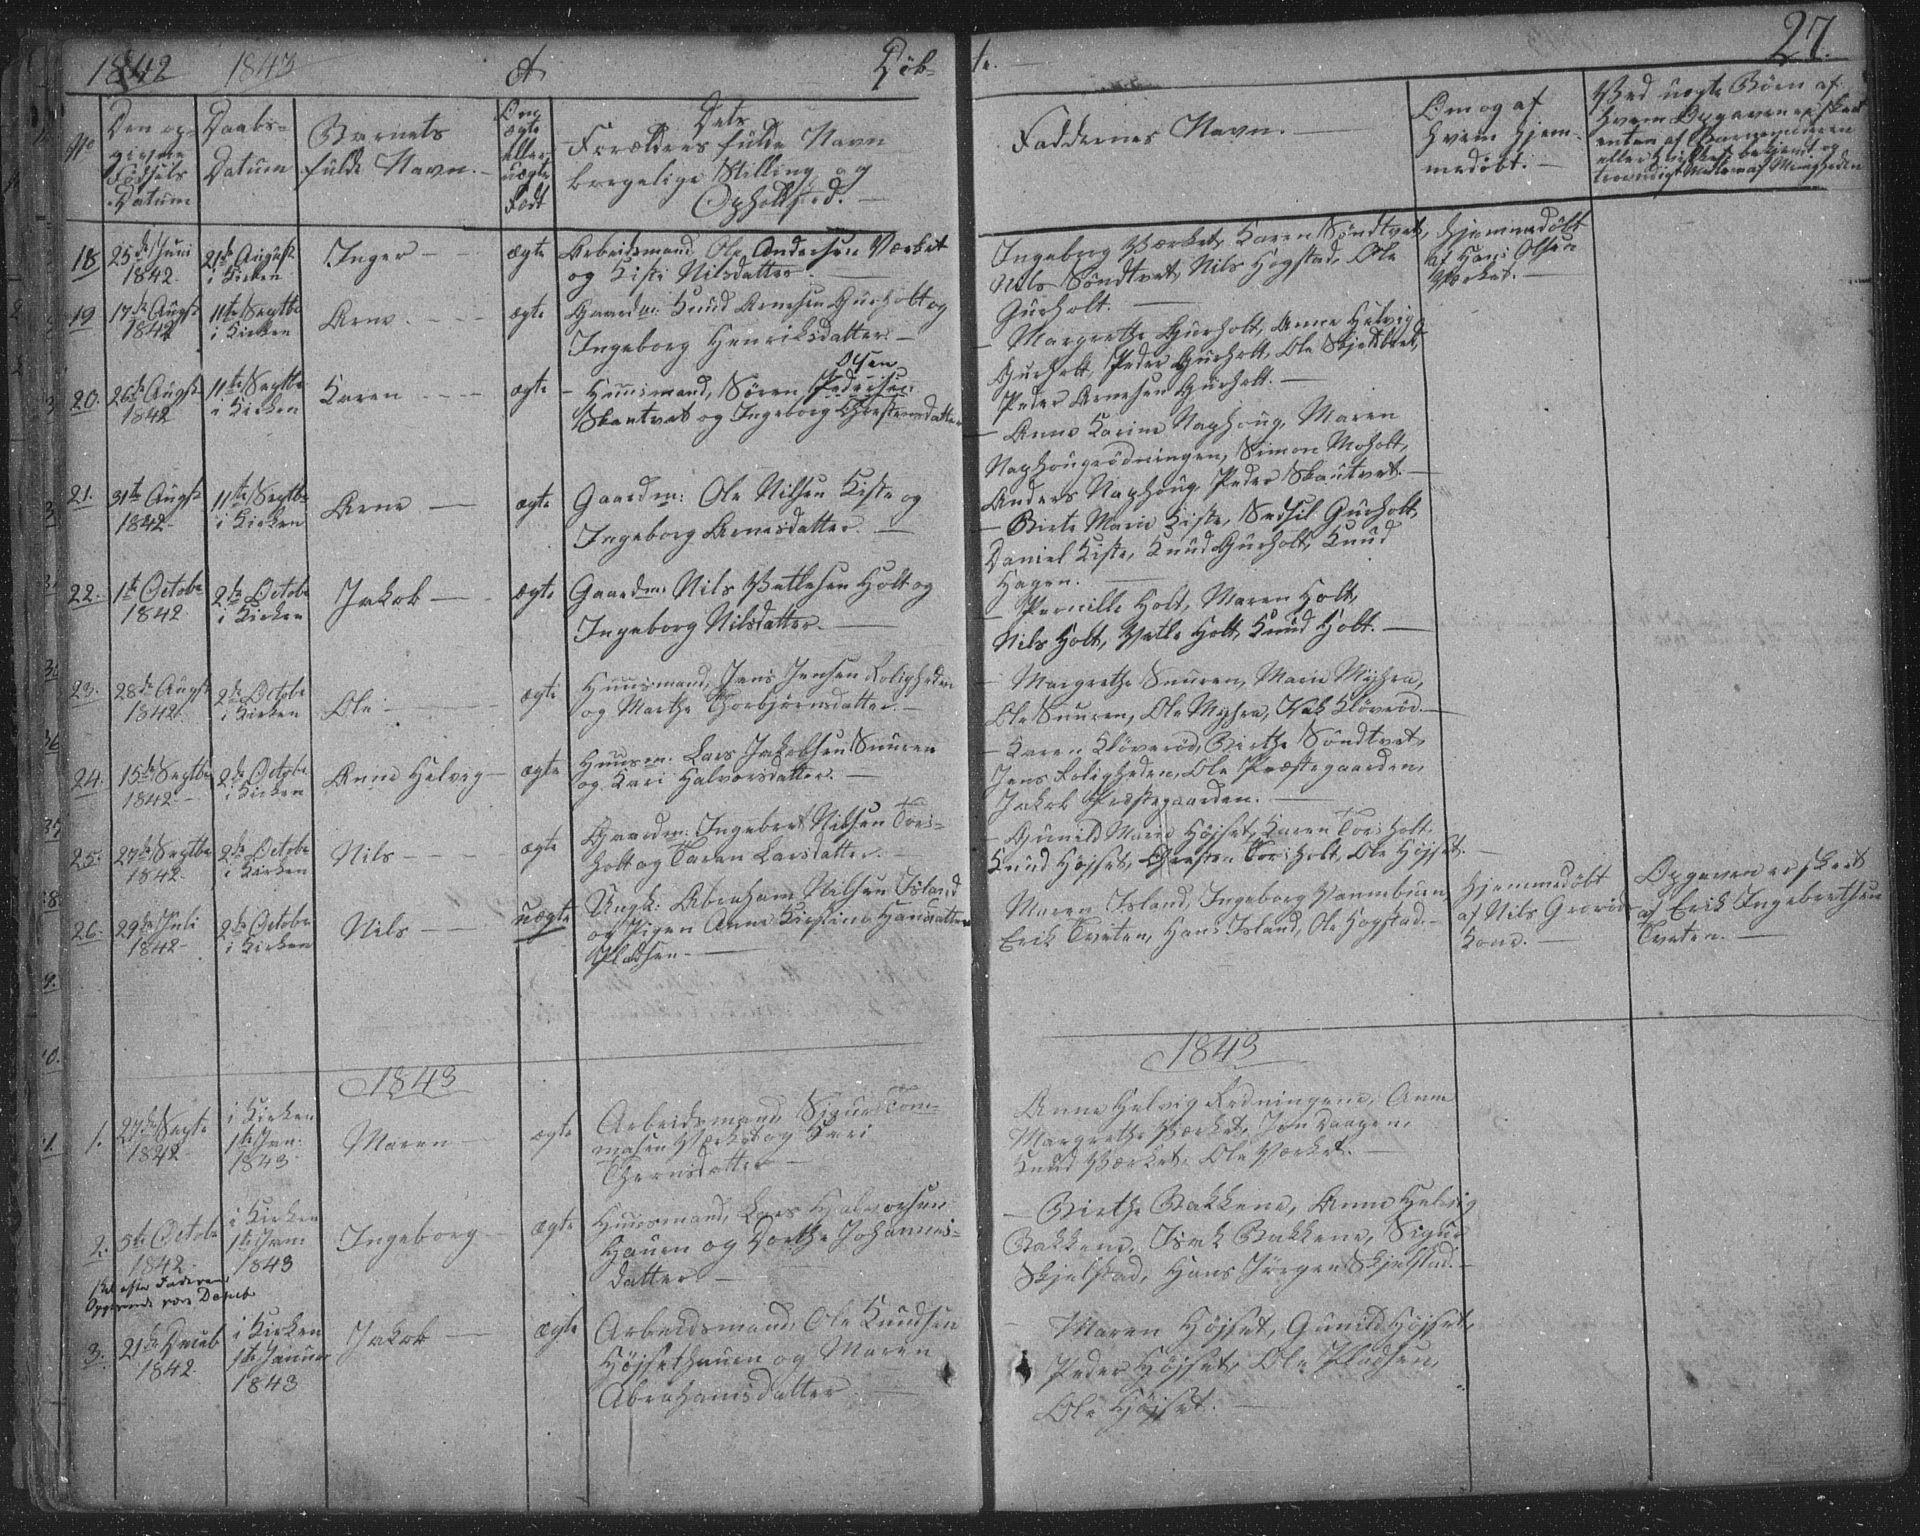 SAKO, Siljan kirkebøker, F/Fa/L0001: Ministerialbok nr. 1, 1831-1870, s. 27